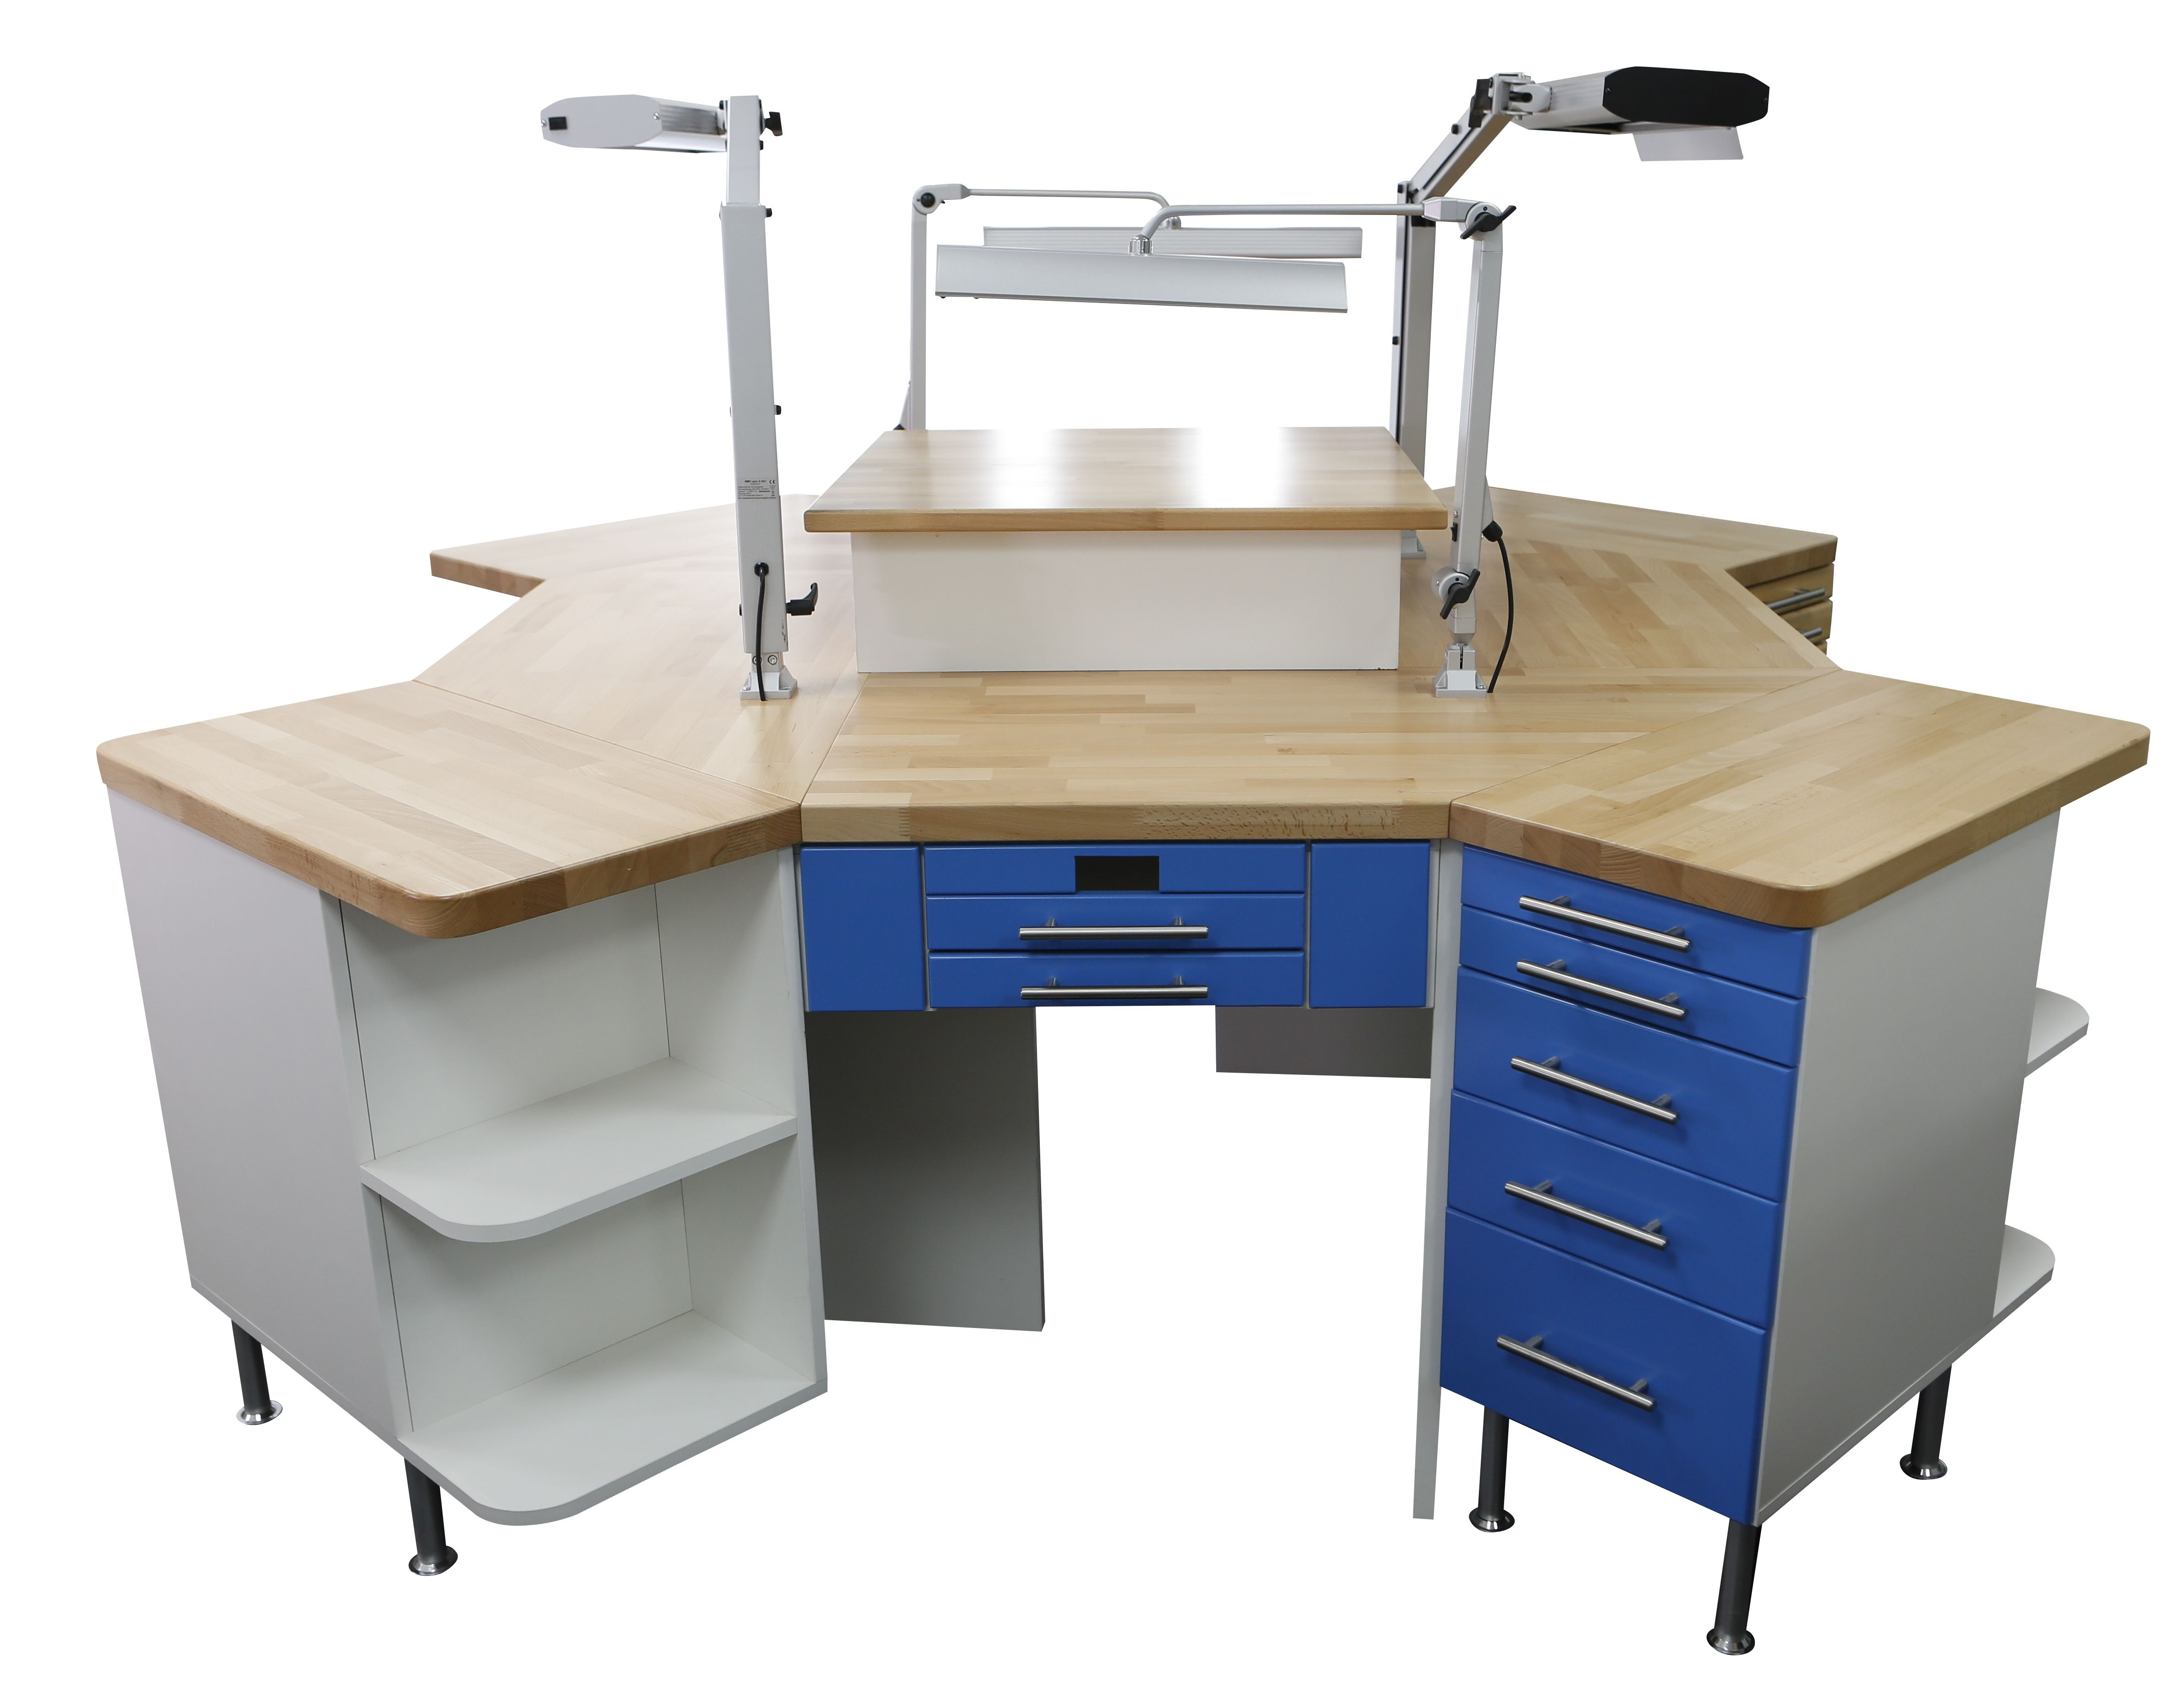 4er Labortisch / 4´er Insel / Labor Insel - Hausmarke - neu - blaues Dekor